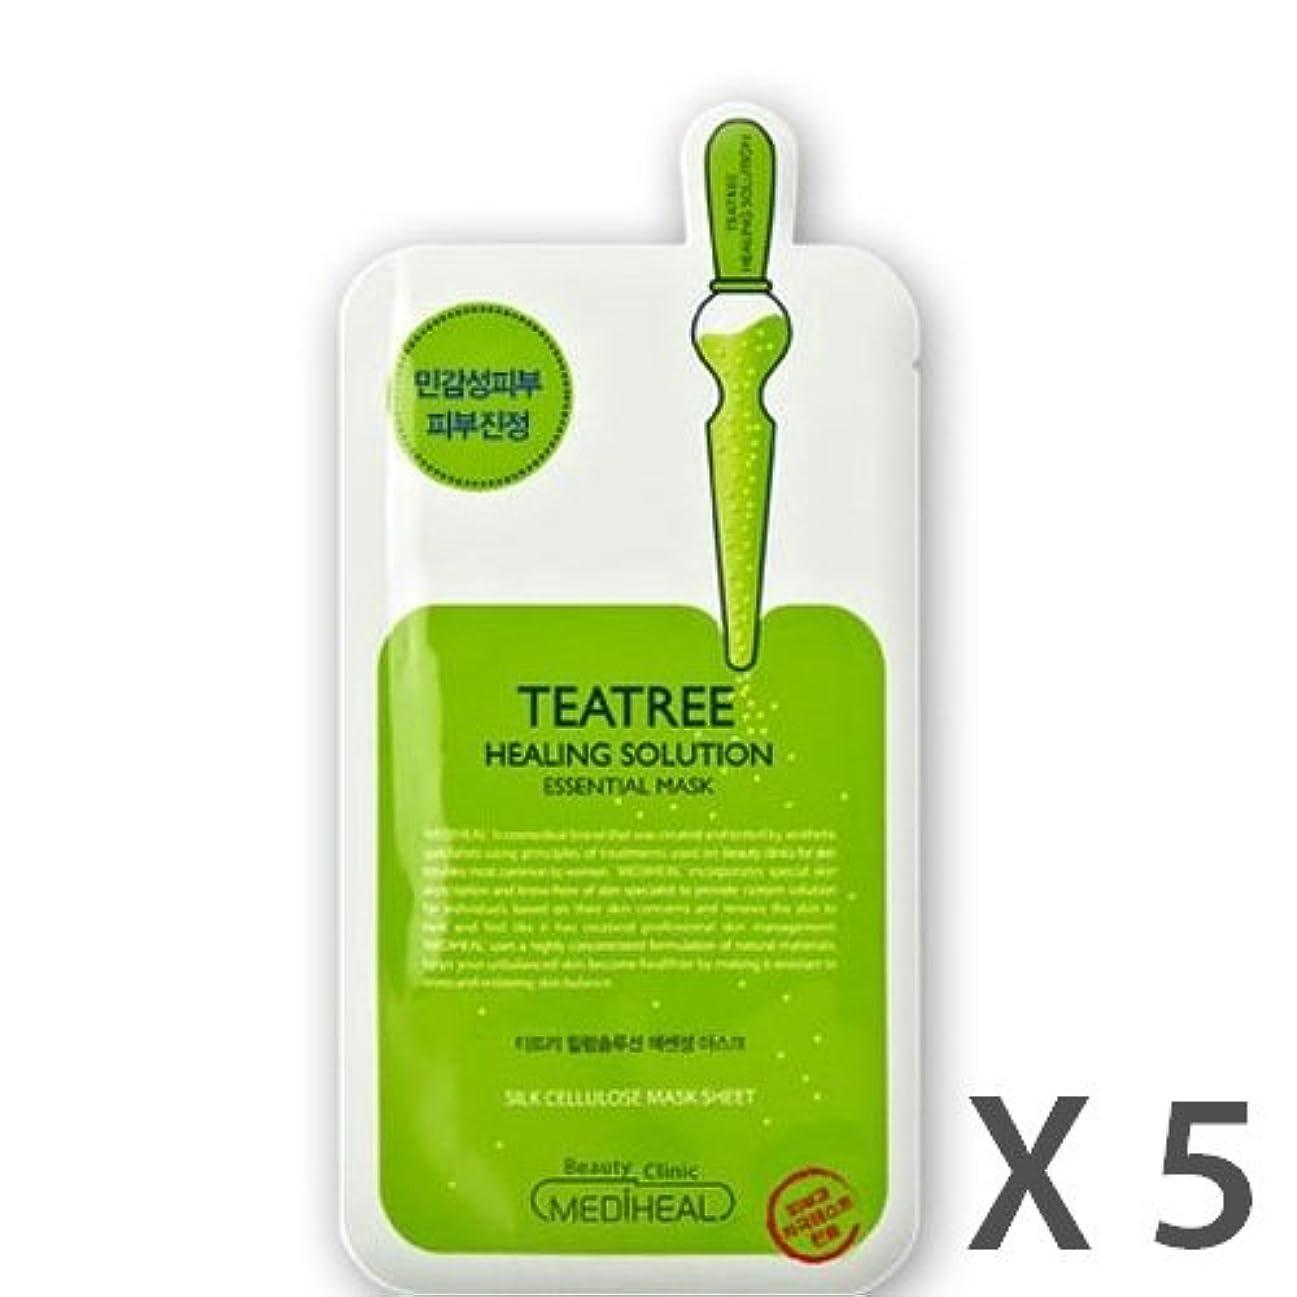 クーポン染色ビタミンMEDIHEAL Tea Tree Healing Solution Essential Mask 5ea /メディヒール ティー ツリー ヒーリングソリューションエッセンシャルマスク 5ea [並行輸入品]